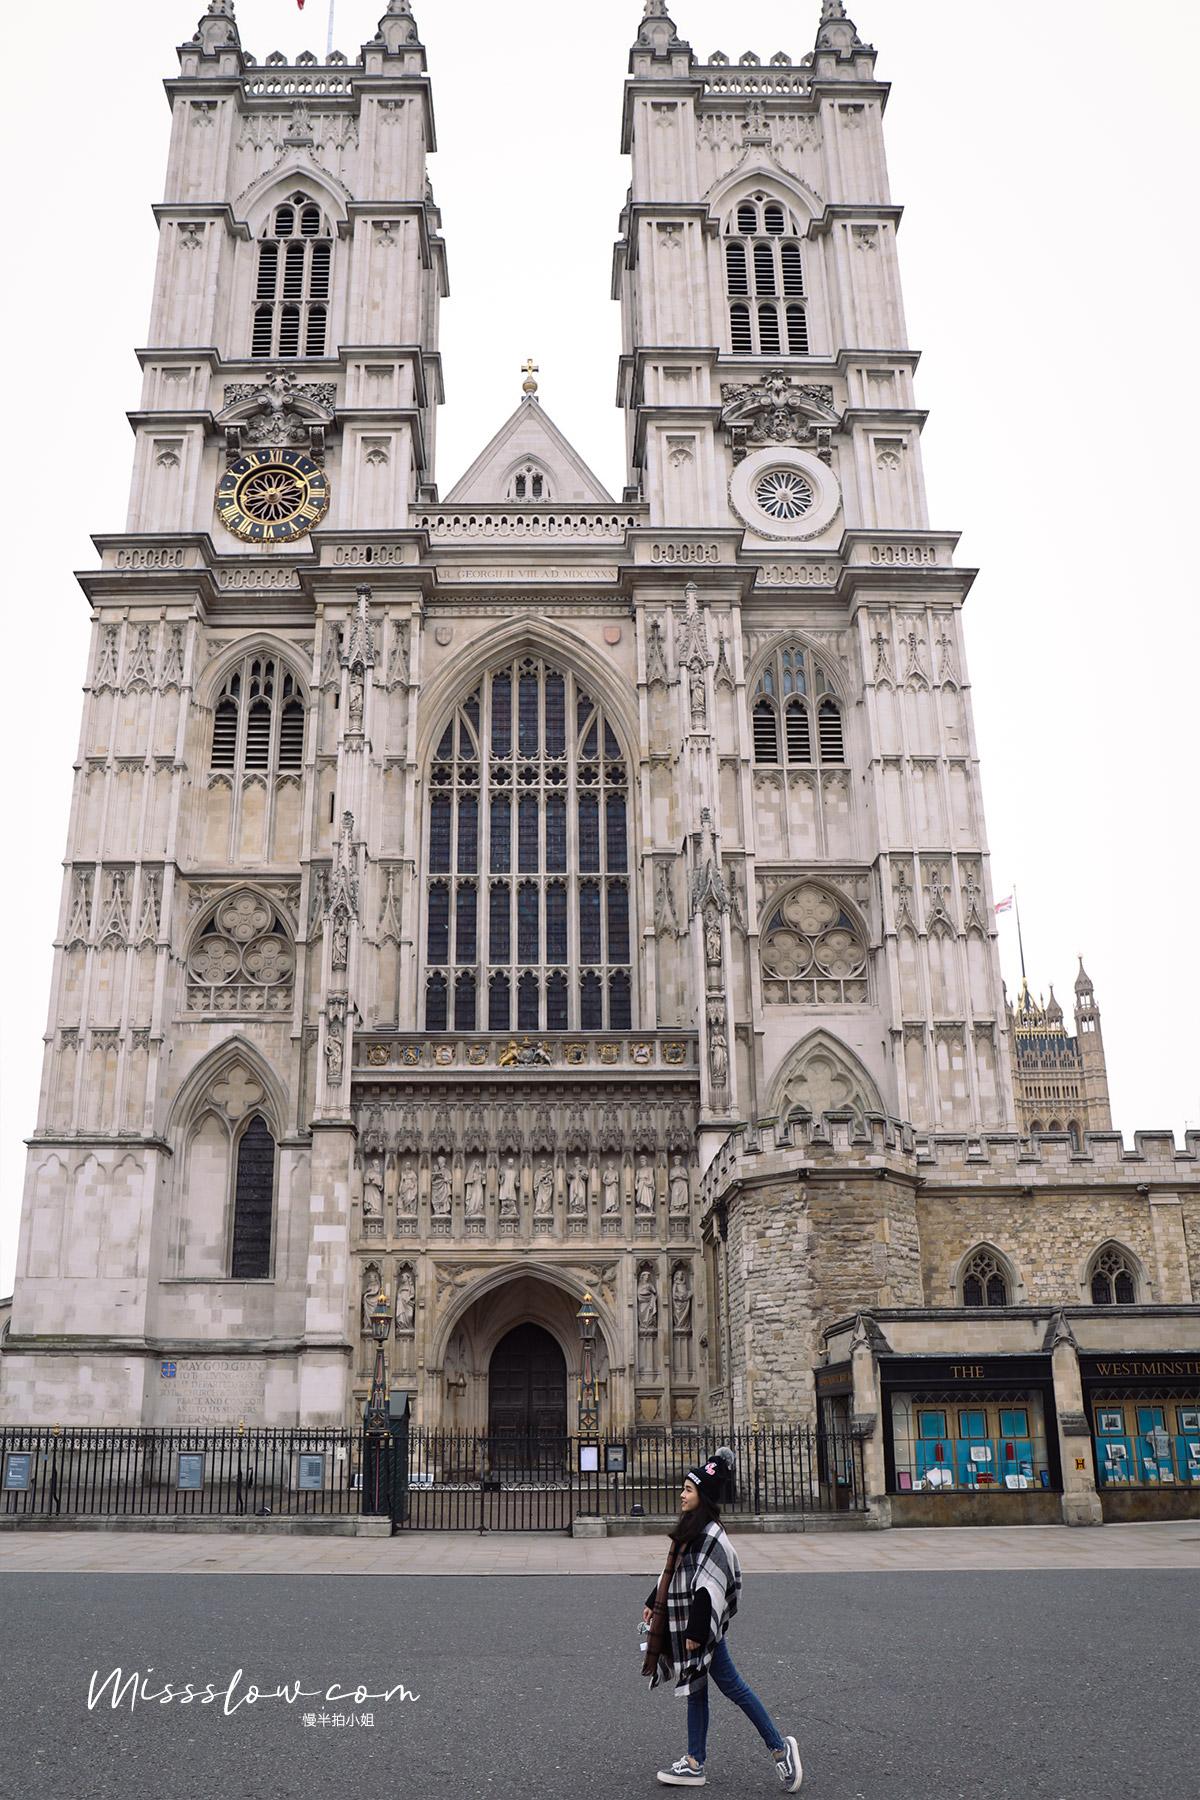 西敏寺 Westminster Abbey必看的景點介紹:西敏寺西門門口